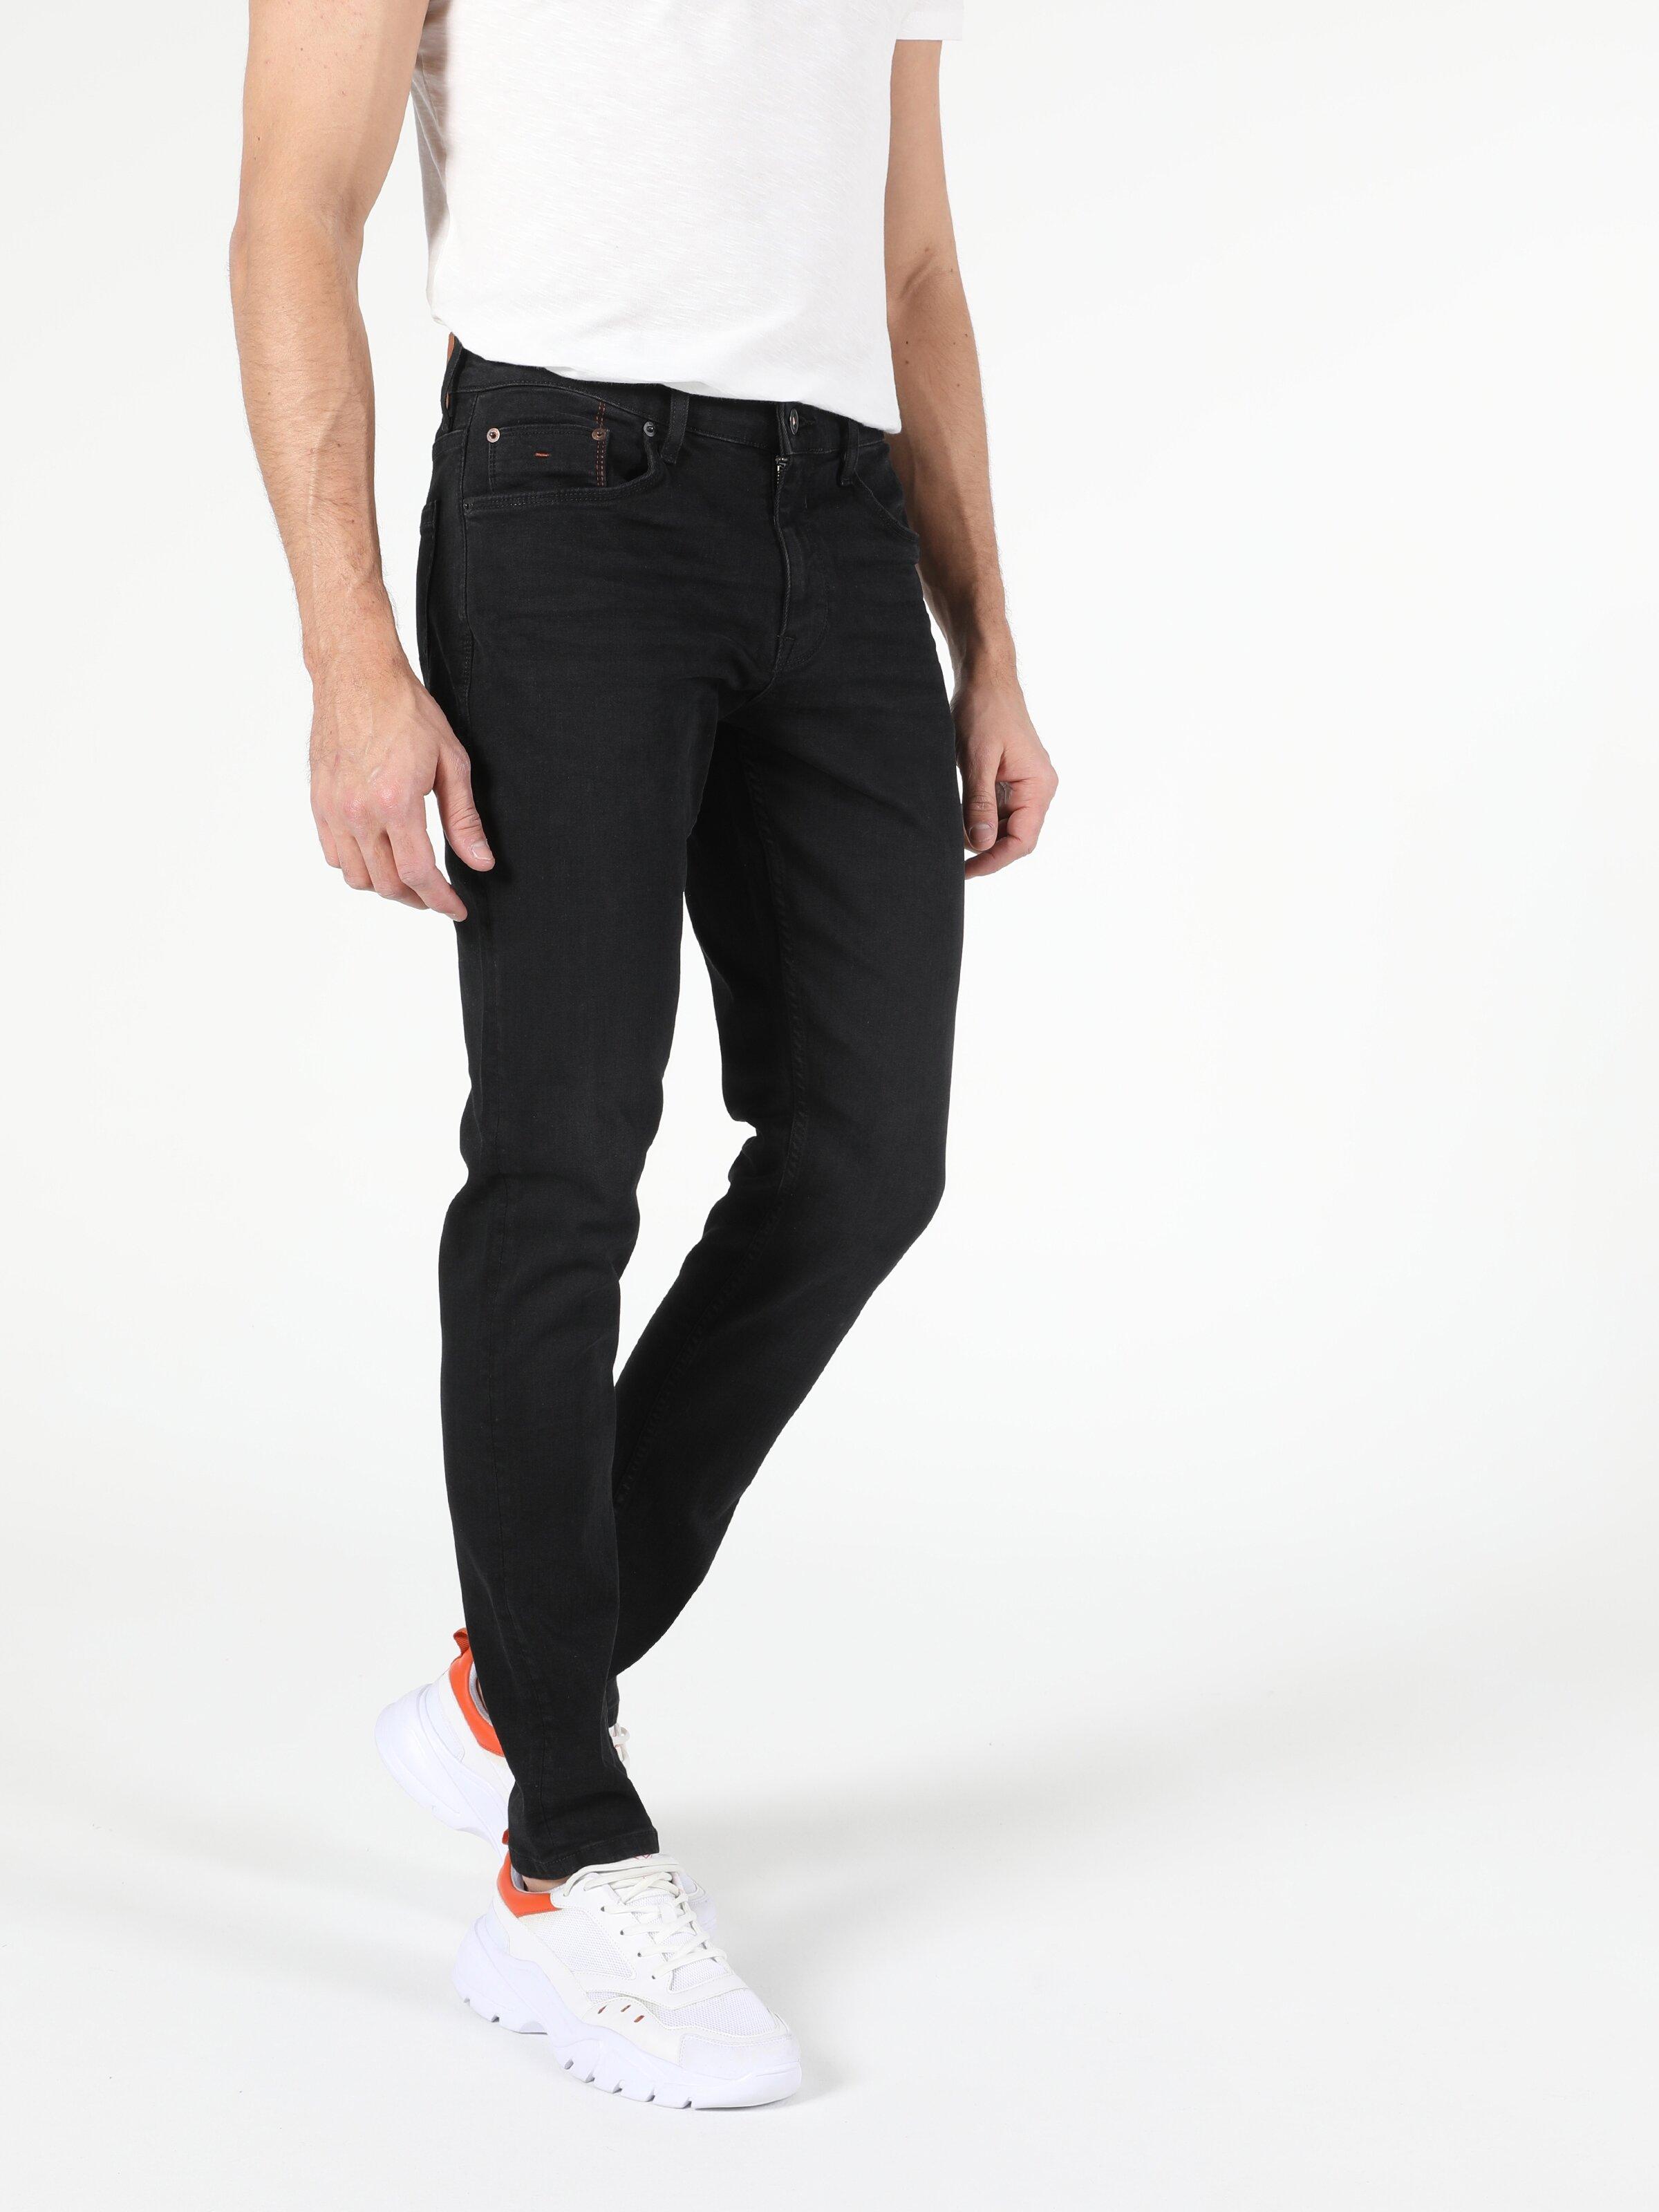 041 Danny Düşük Bel Dar Paça Slim Fit Siyah Erkek Jean Pantolon